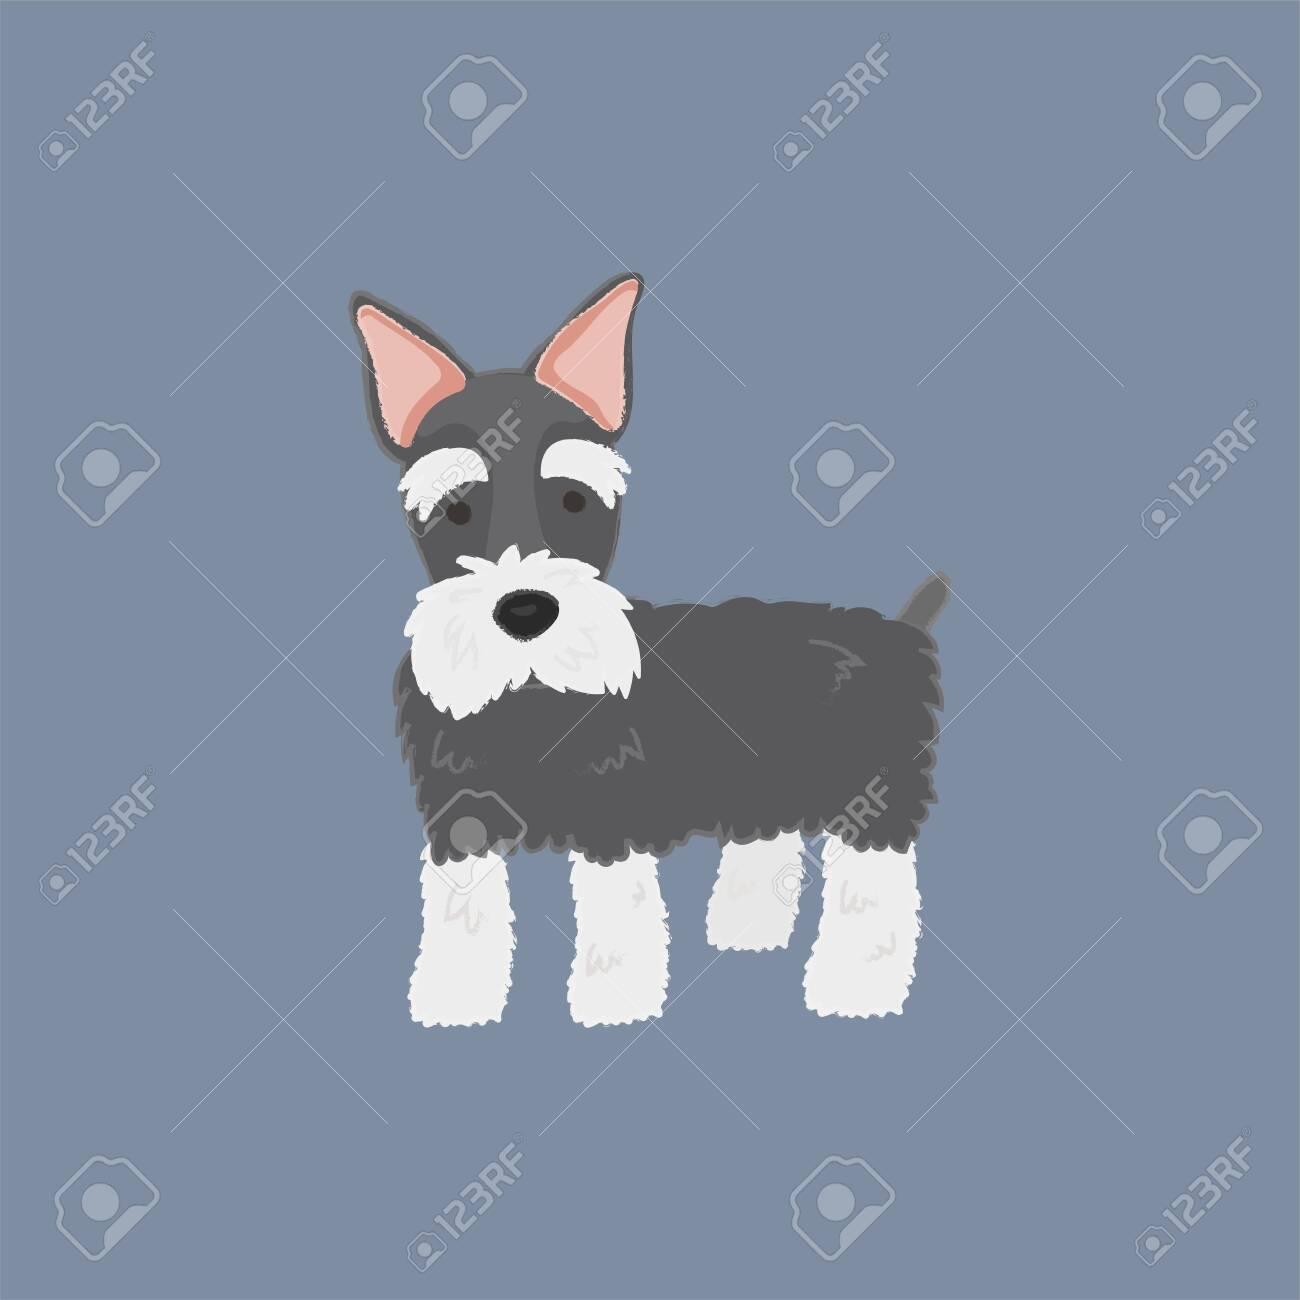 Illustration of a dog - 115541222